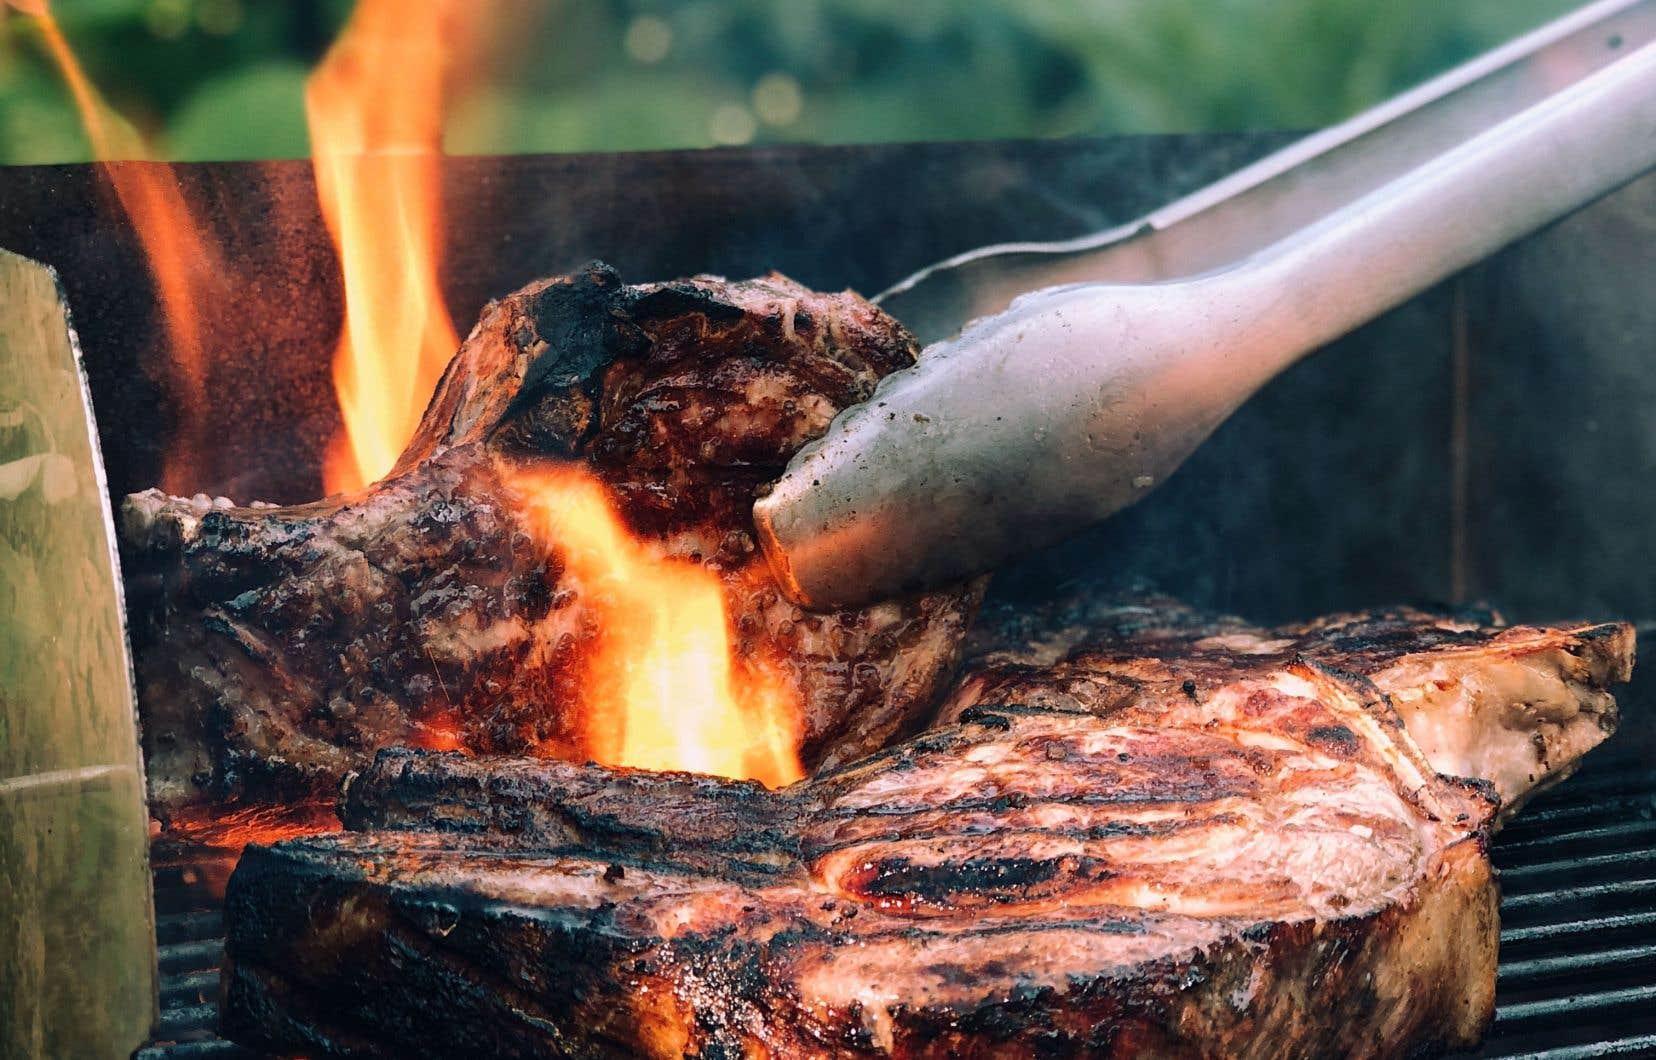 La viande mérite-t-elle vraiment qu'on l'accuse de tous les maux?